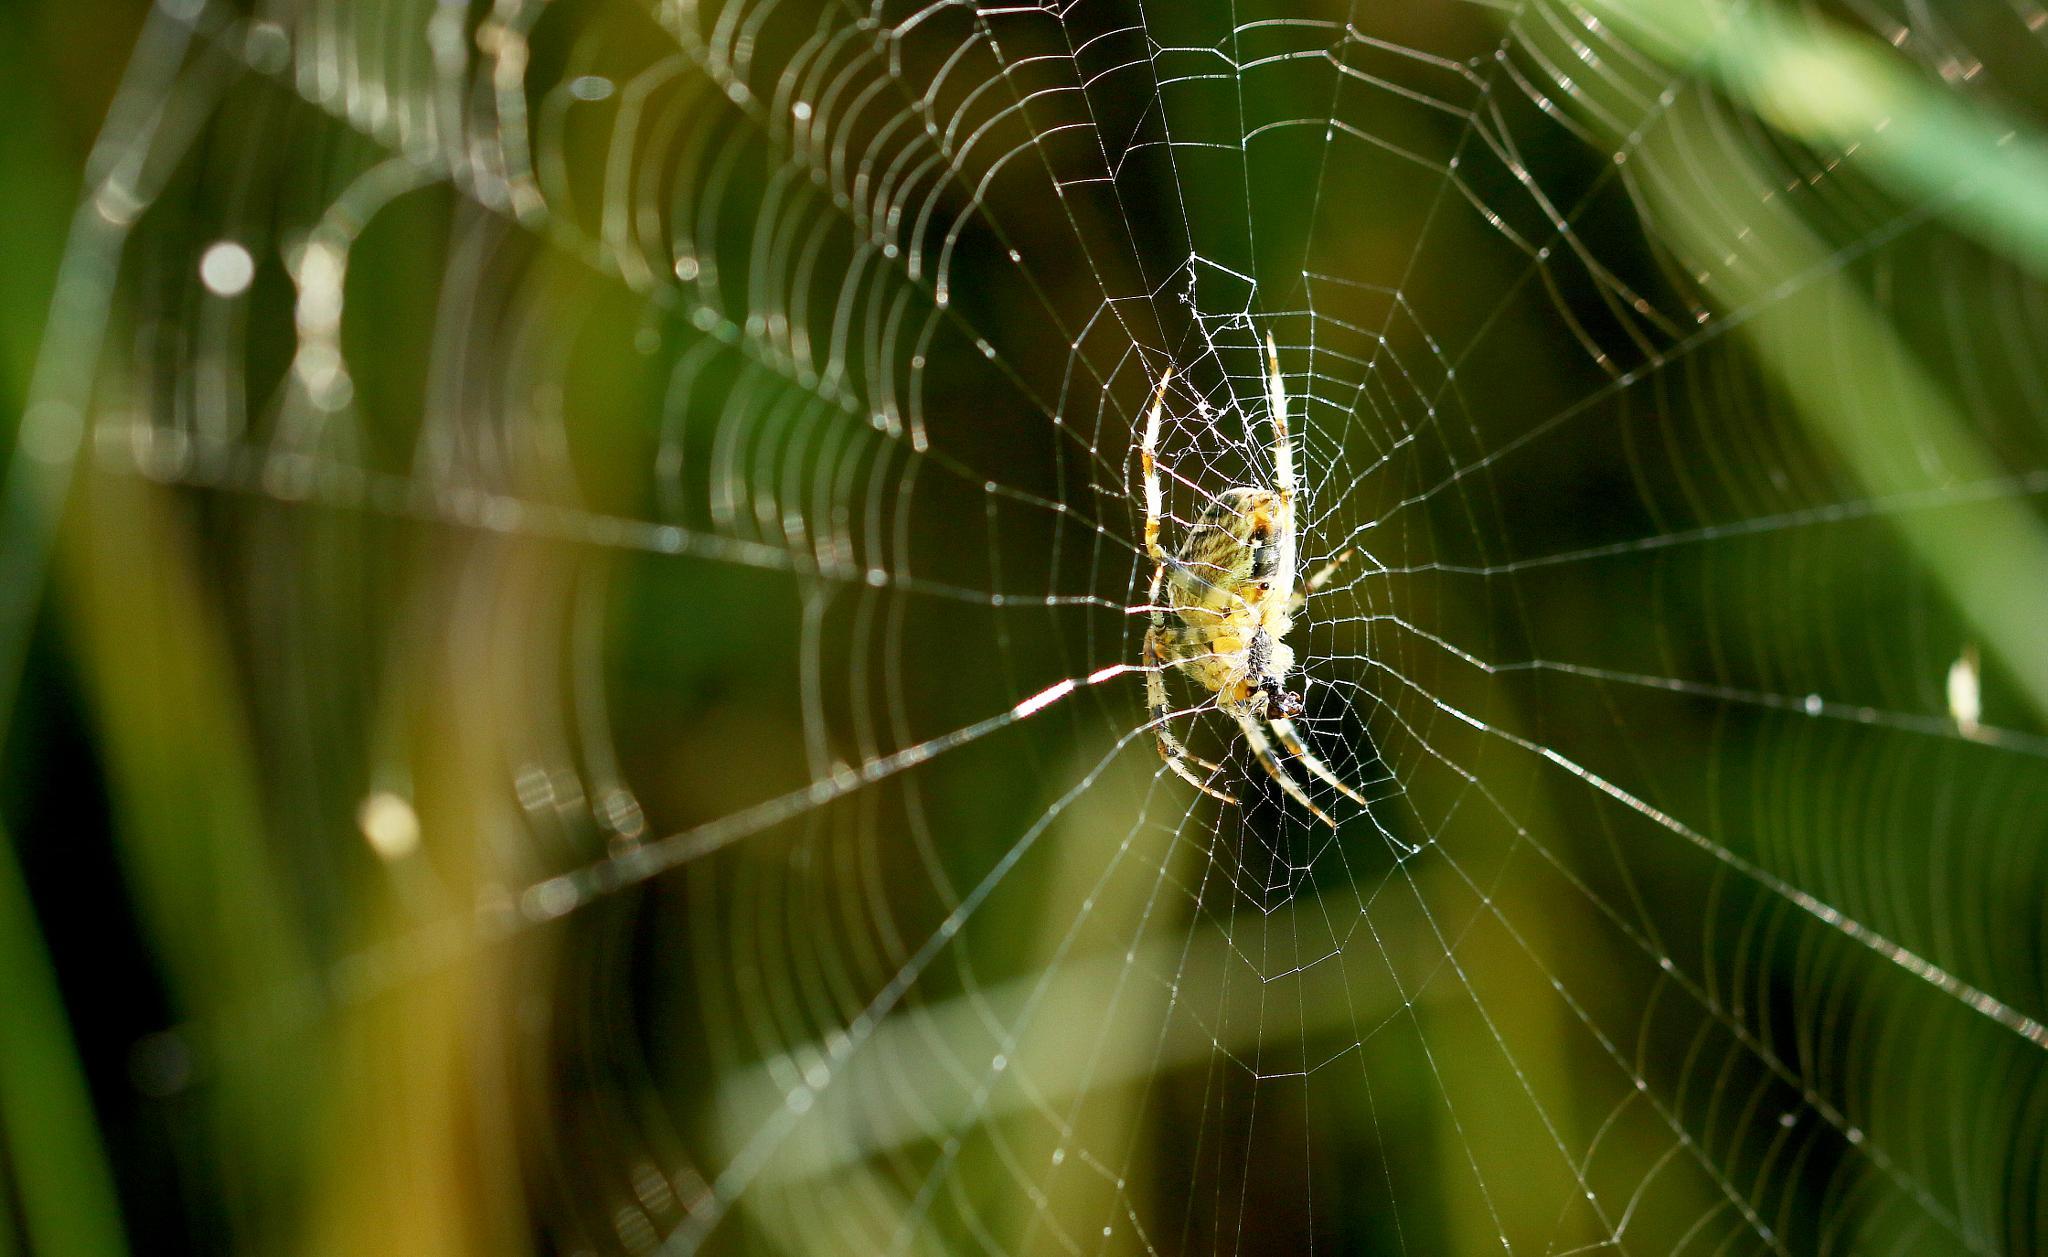 a spider's web by John Friis Mortensen